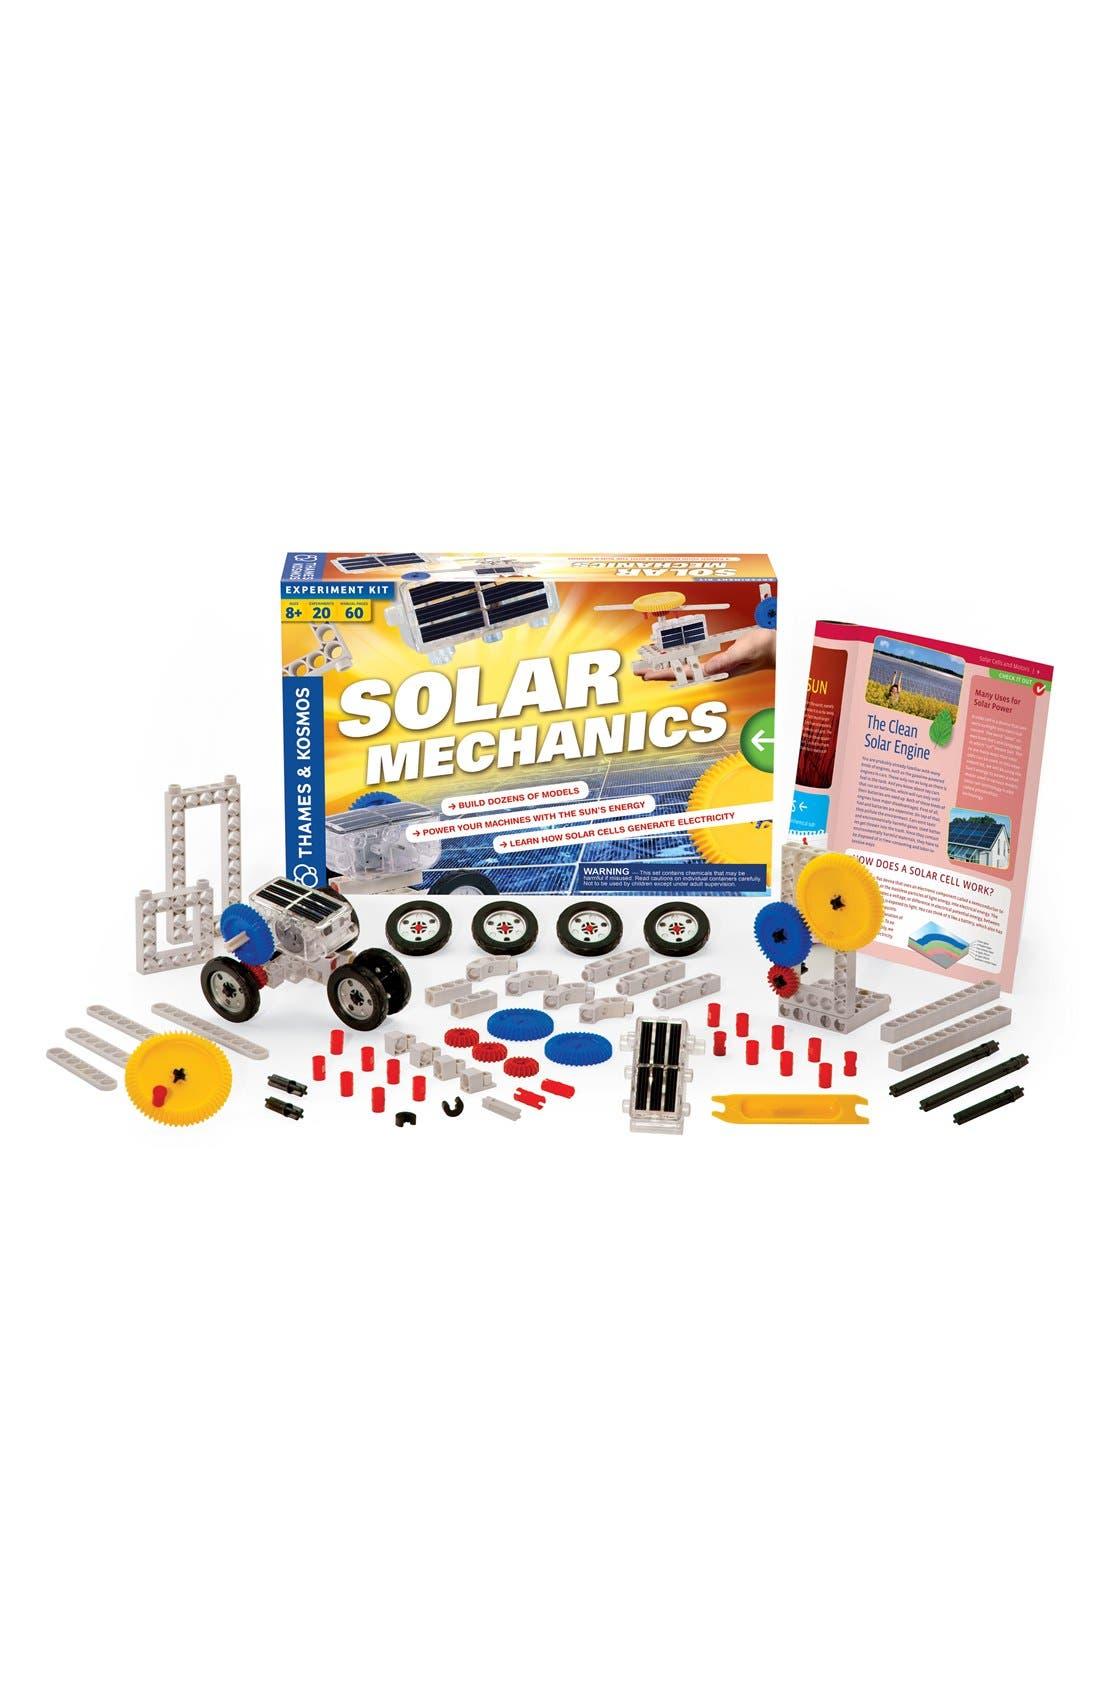 Thames & Kosmos 'Solar Mechanics' Experiment Kit